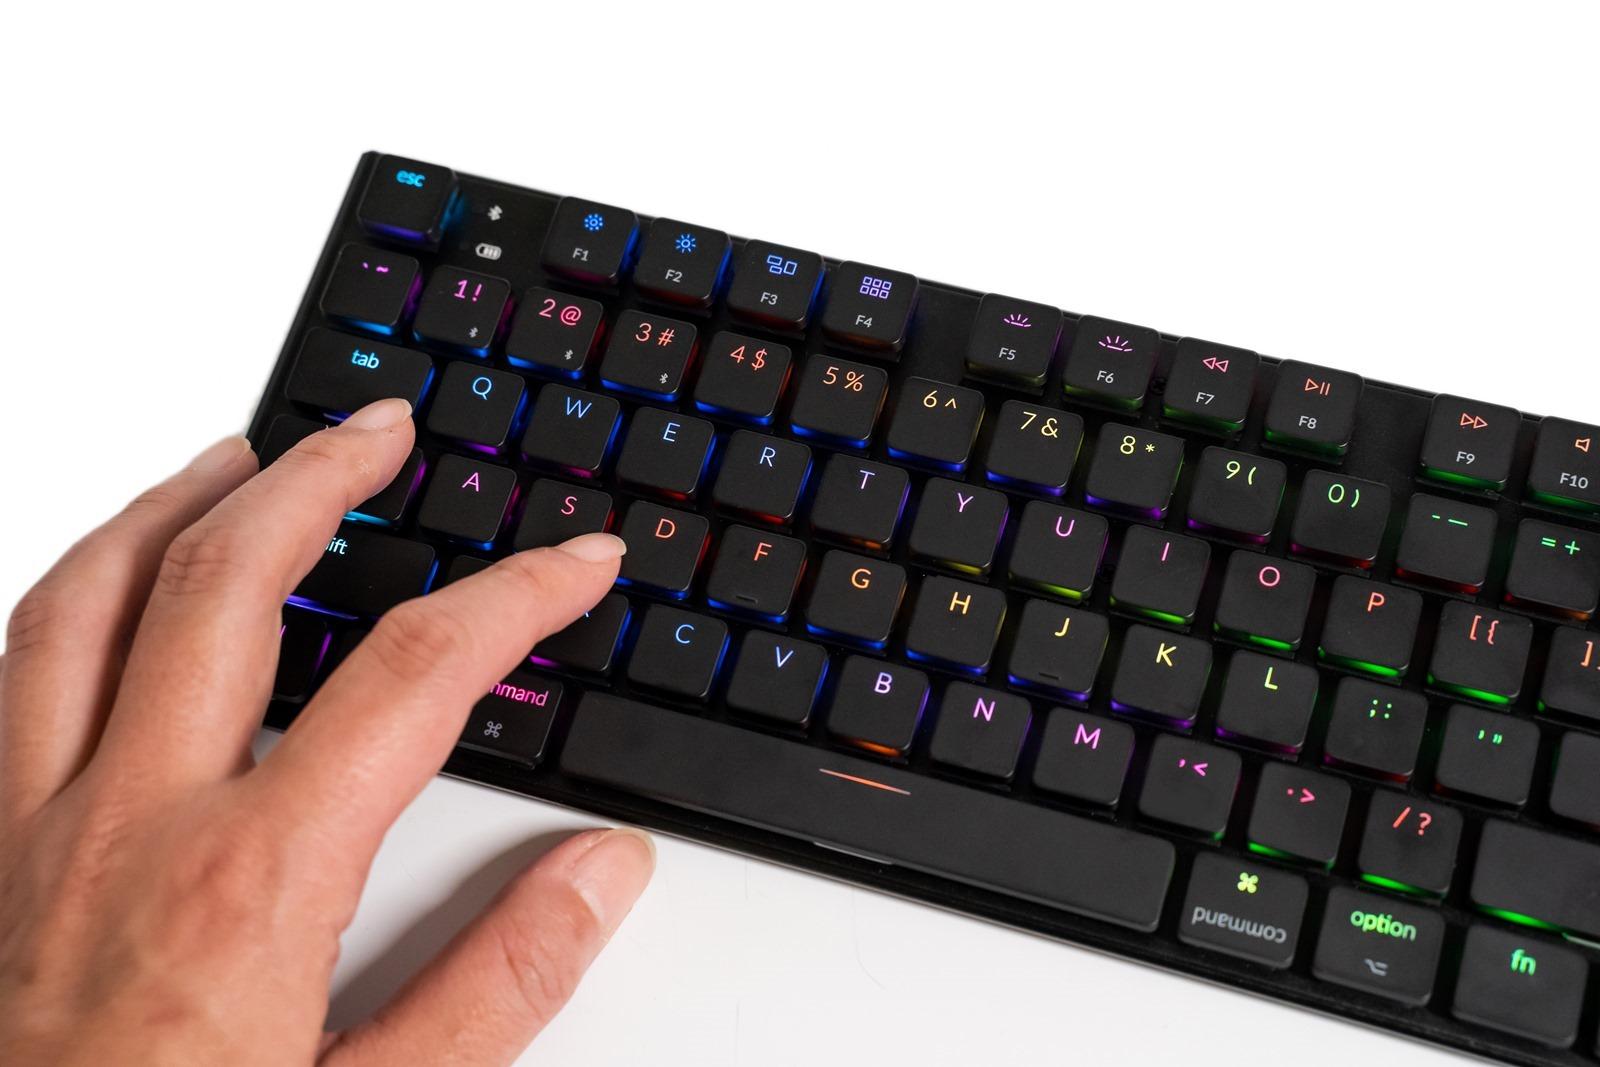 超薄無線機械鍵盤 Keychron K1 v2 開箱!多系統支援 Mac 友善大加分!有線無線雙模/全系統/充電設計/白光彩光多版本 @3C 達人廖阿輝